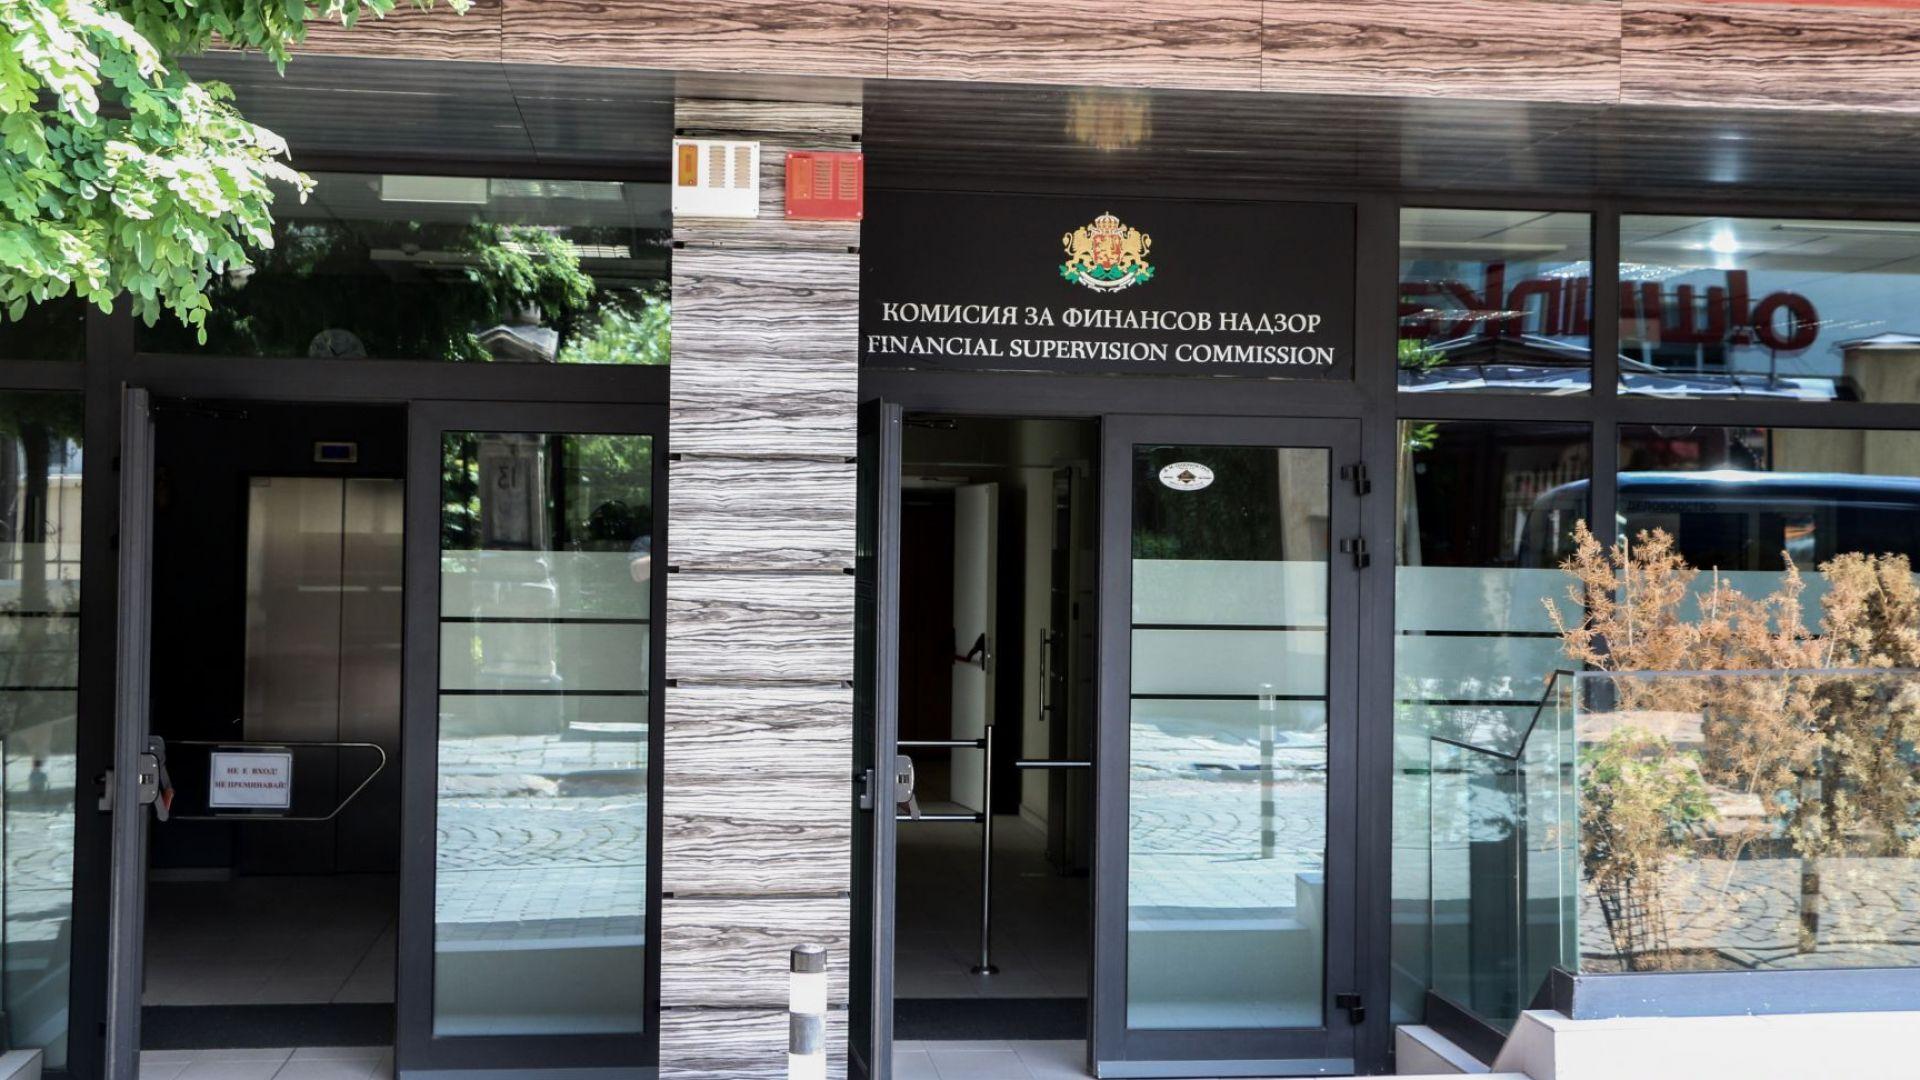 КФН отне лиценза на инвестиционен посредник, манипулирал граждани